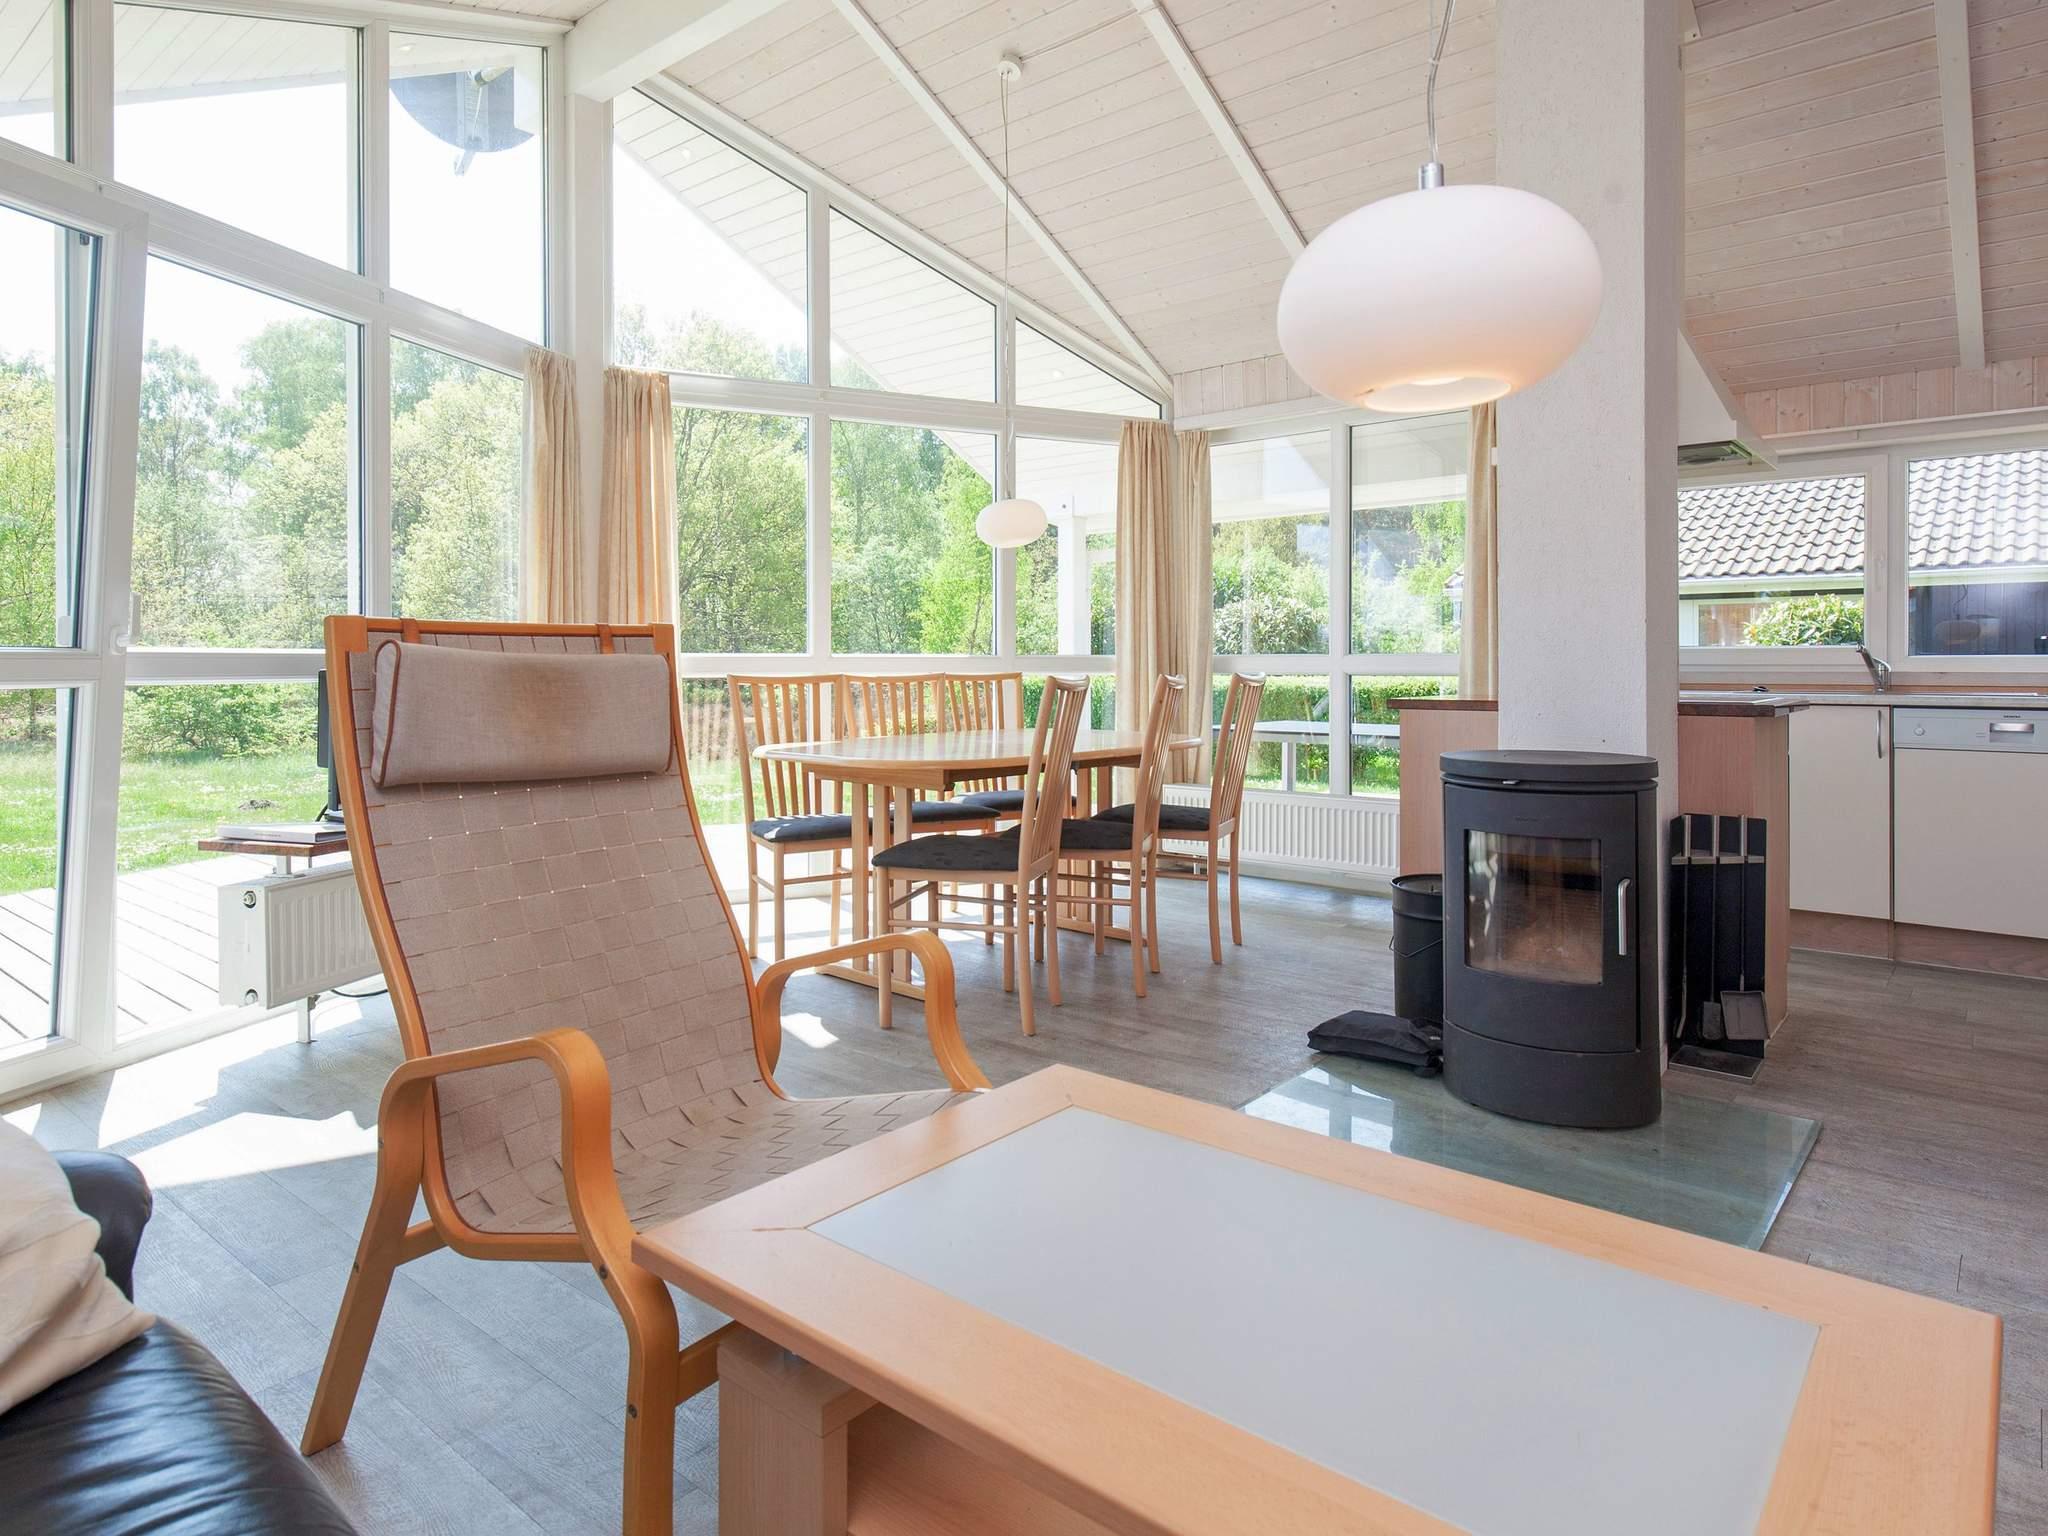 Maison de vacances Grömitz (316467), Grömitz, Baie de Lübeck, Schleswig-Holstein, Allemagne, image 3